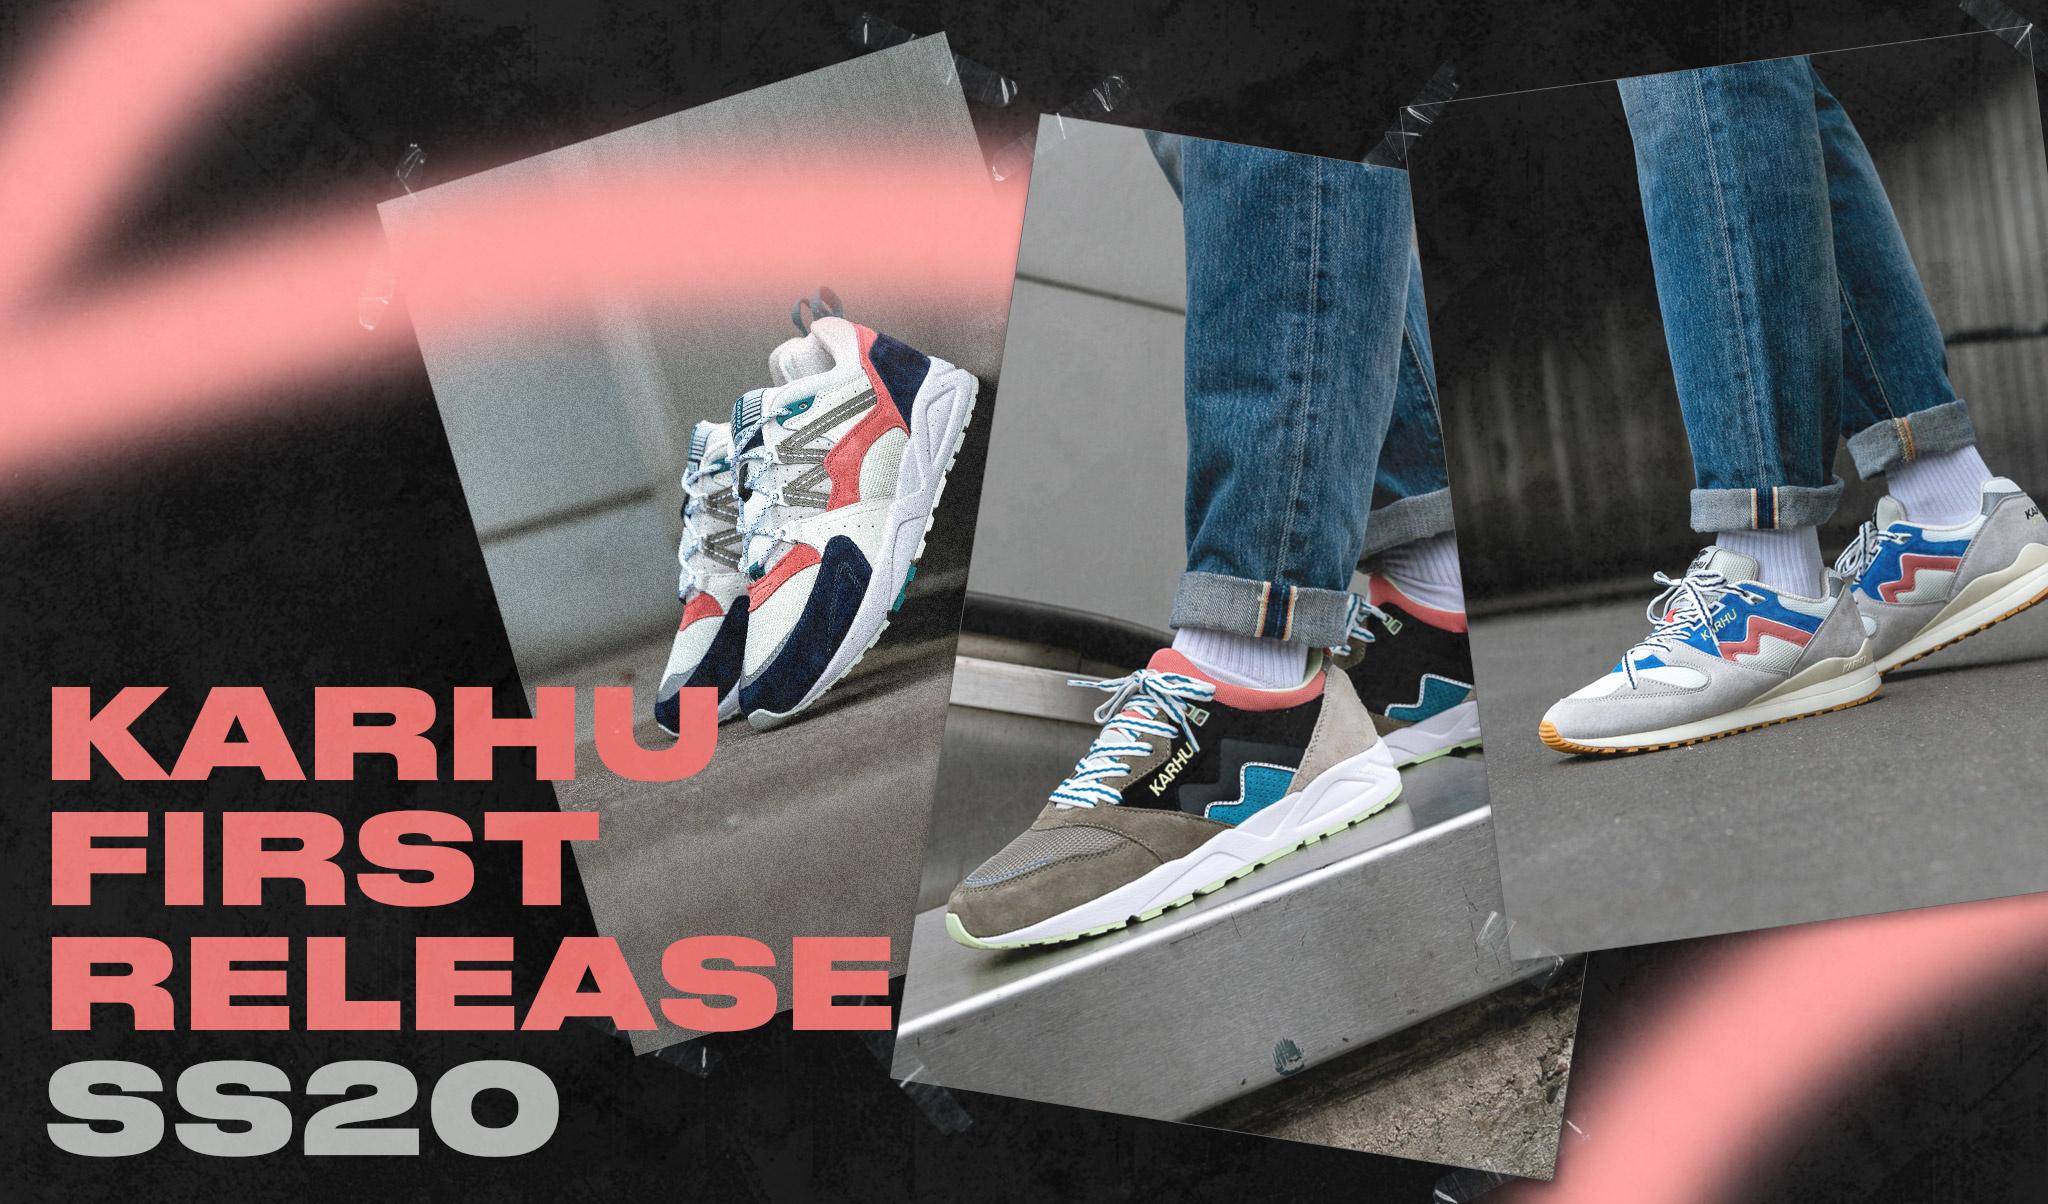 Karhu First Release SS20